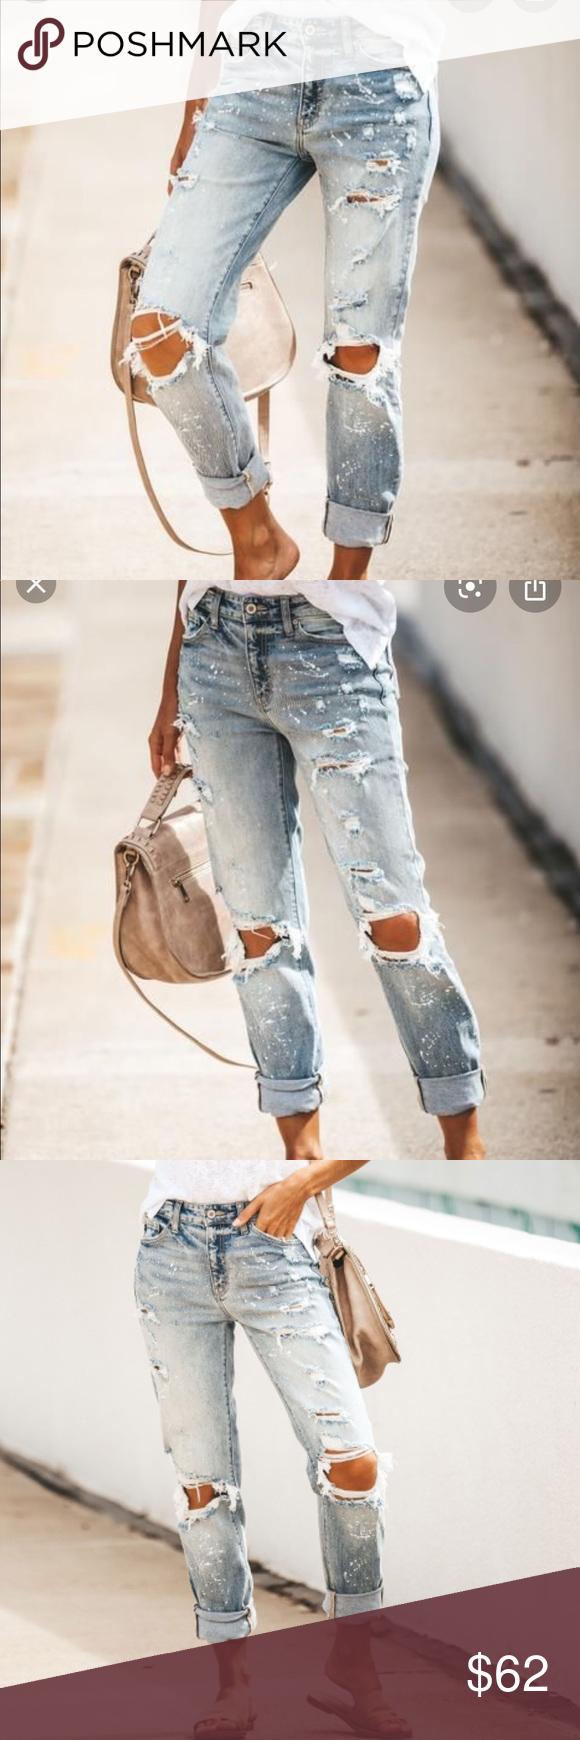 HautePinkPretty - Paint Splattered Boyfriend Jeans